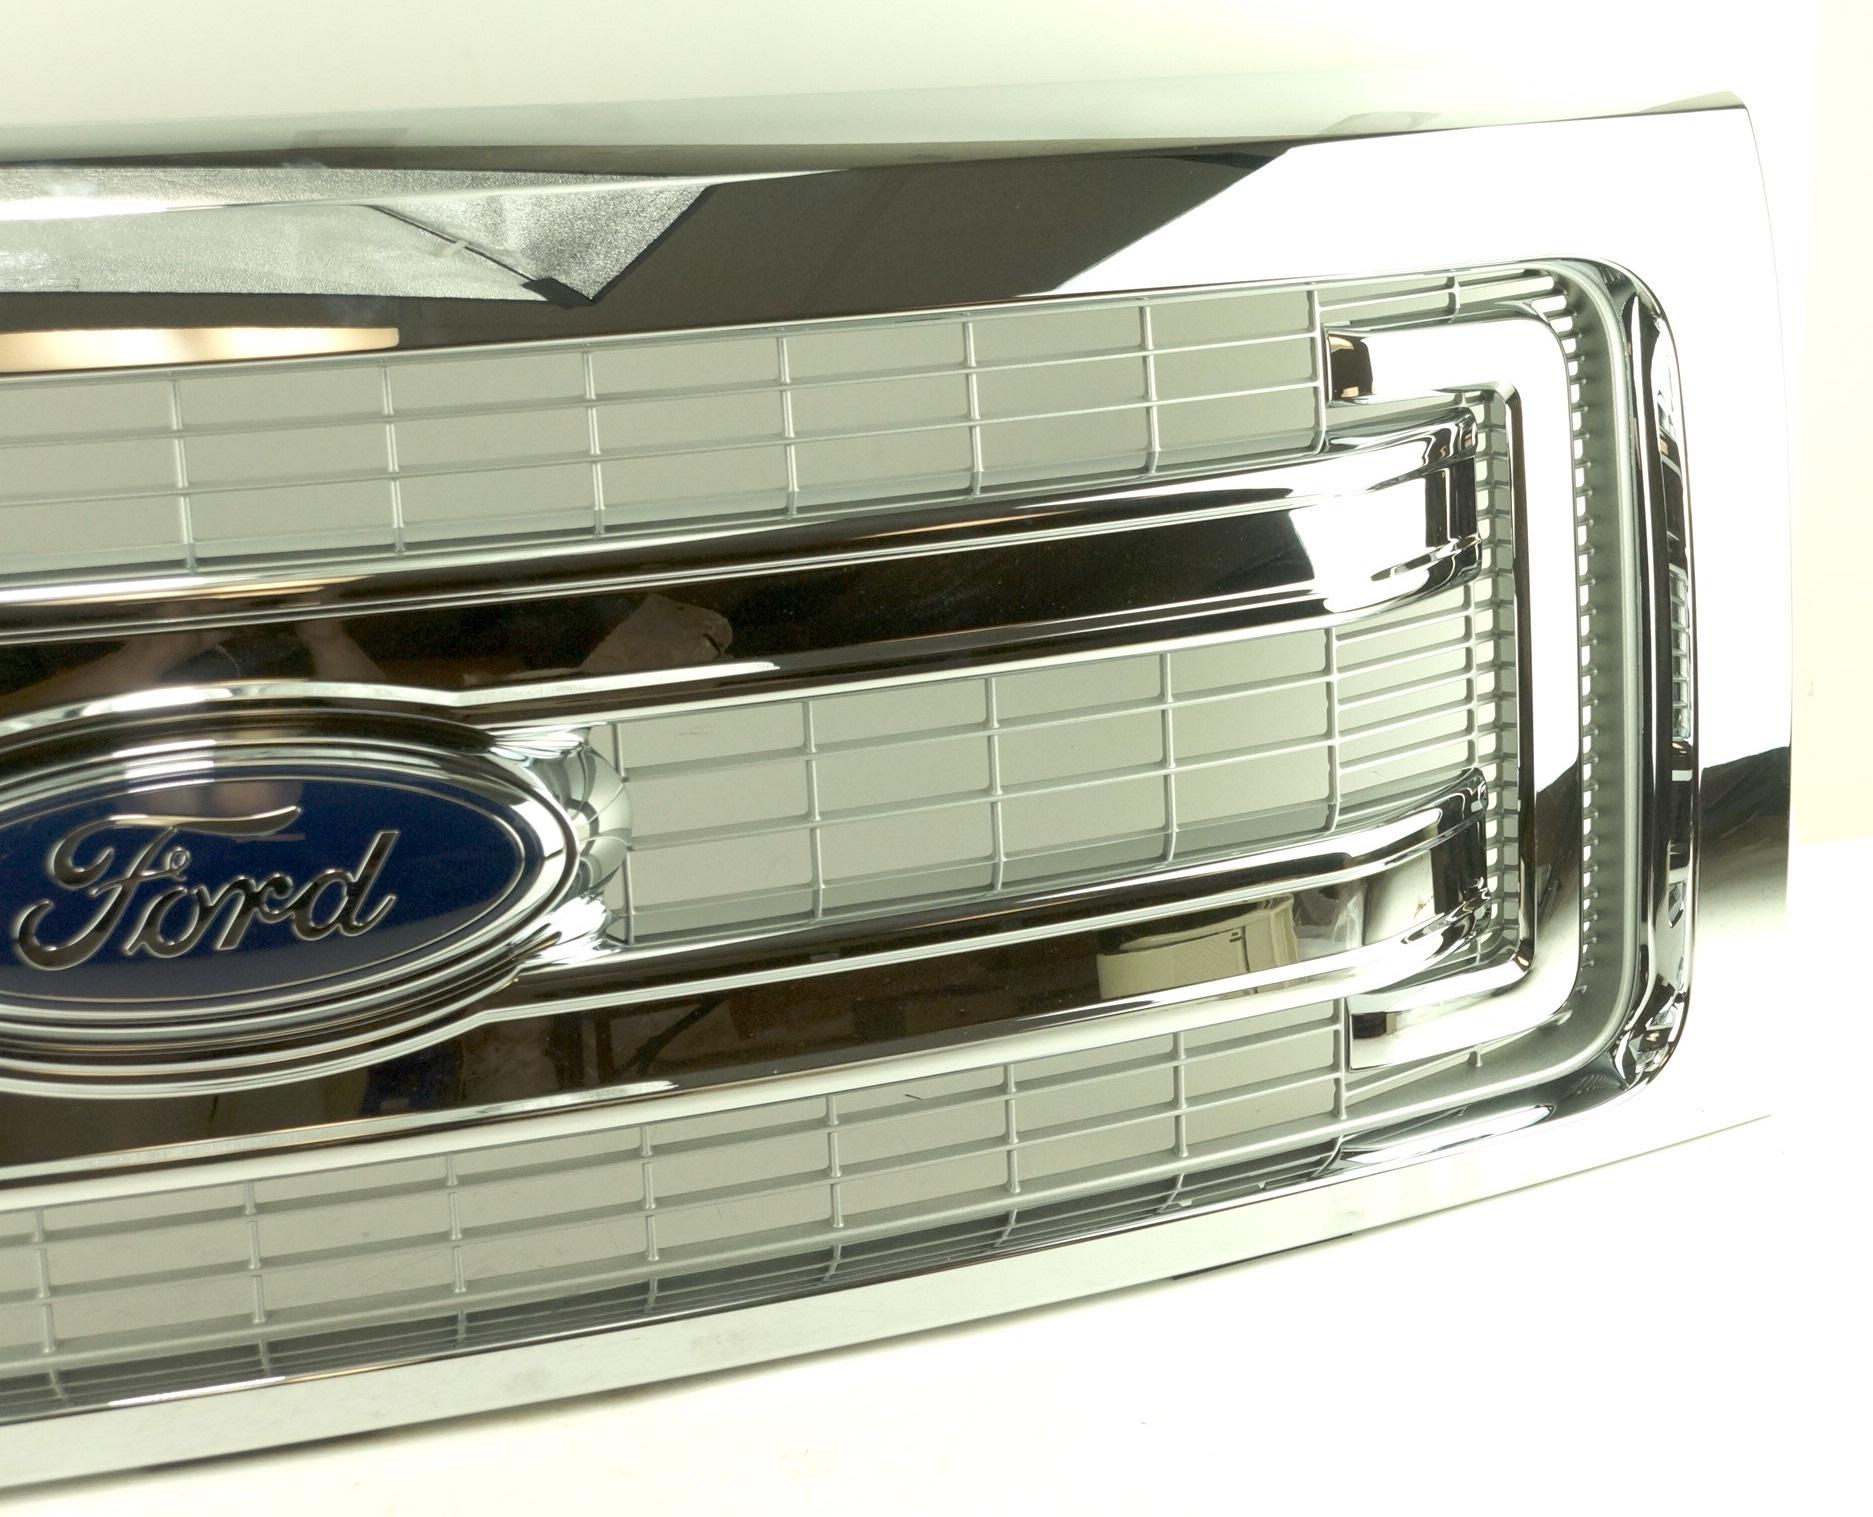 New Genuine OEM DL3Z8200BA Ford Front Grille Assembly w/ Emblem 09-14 F-150 XLT - image 6